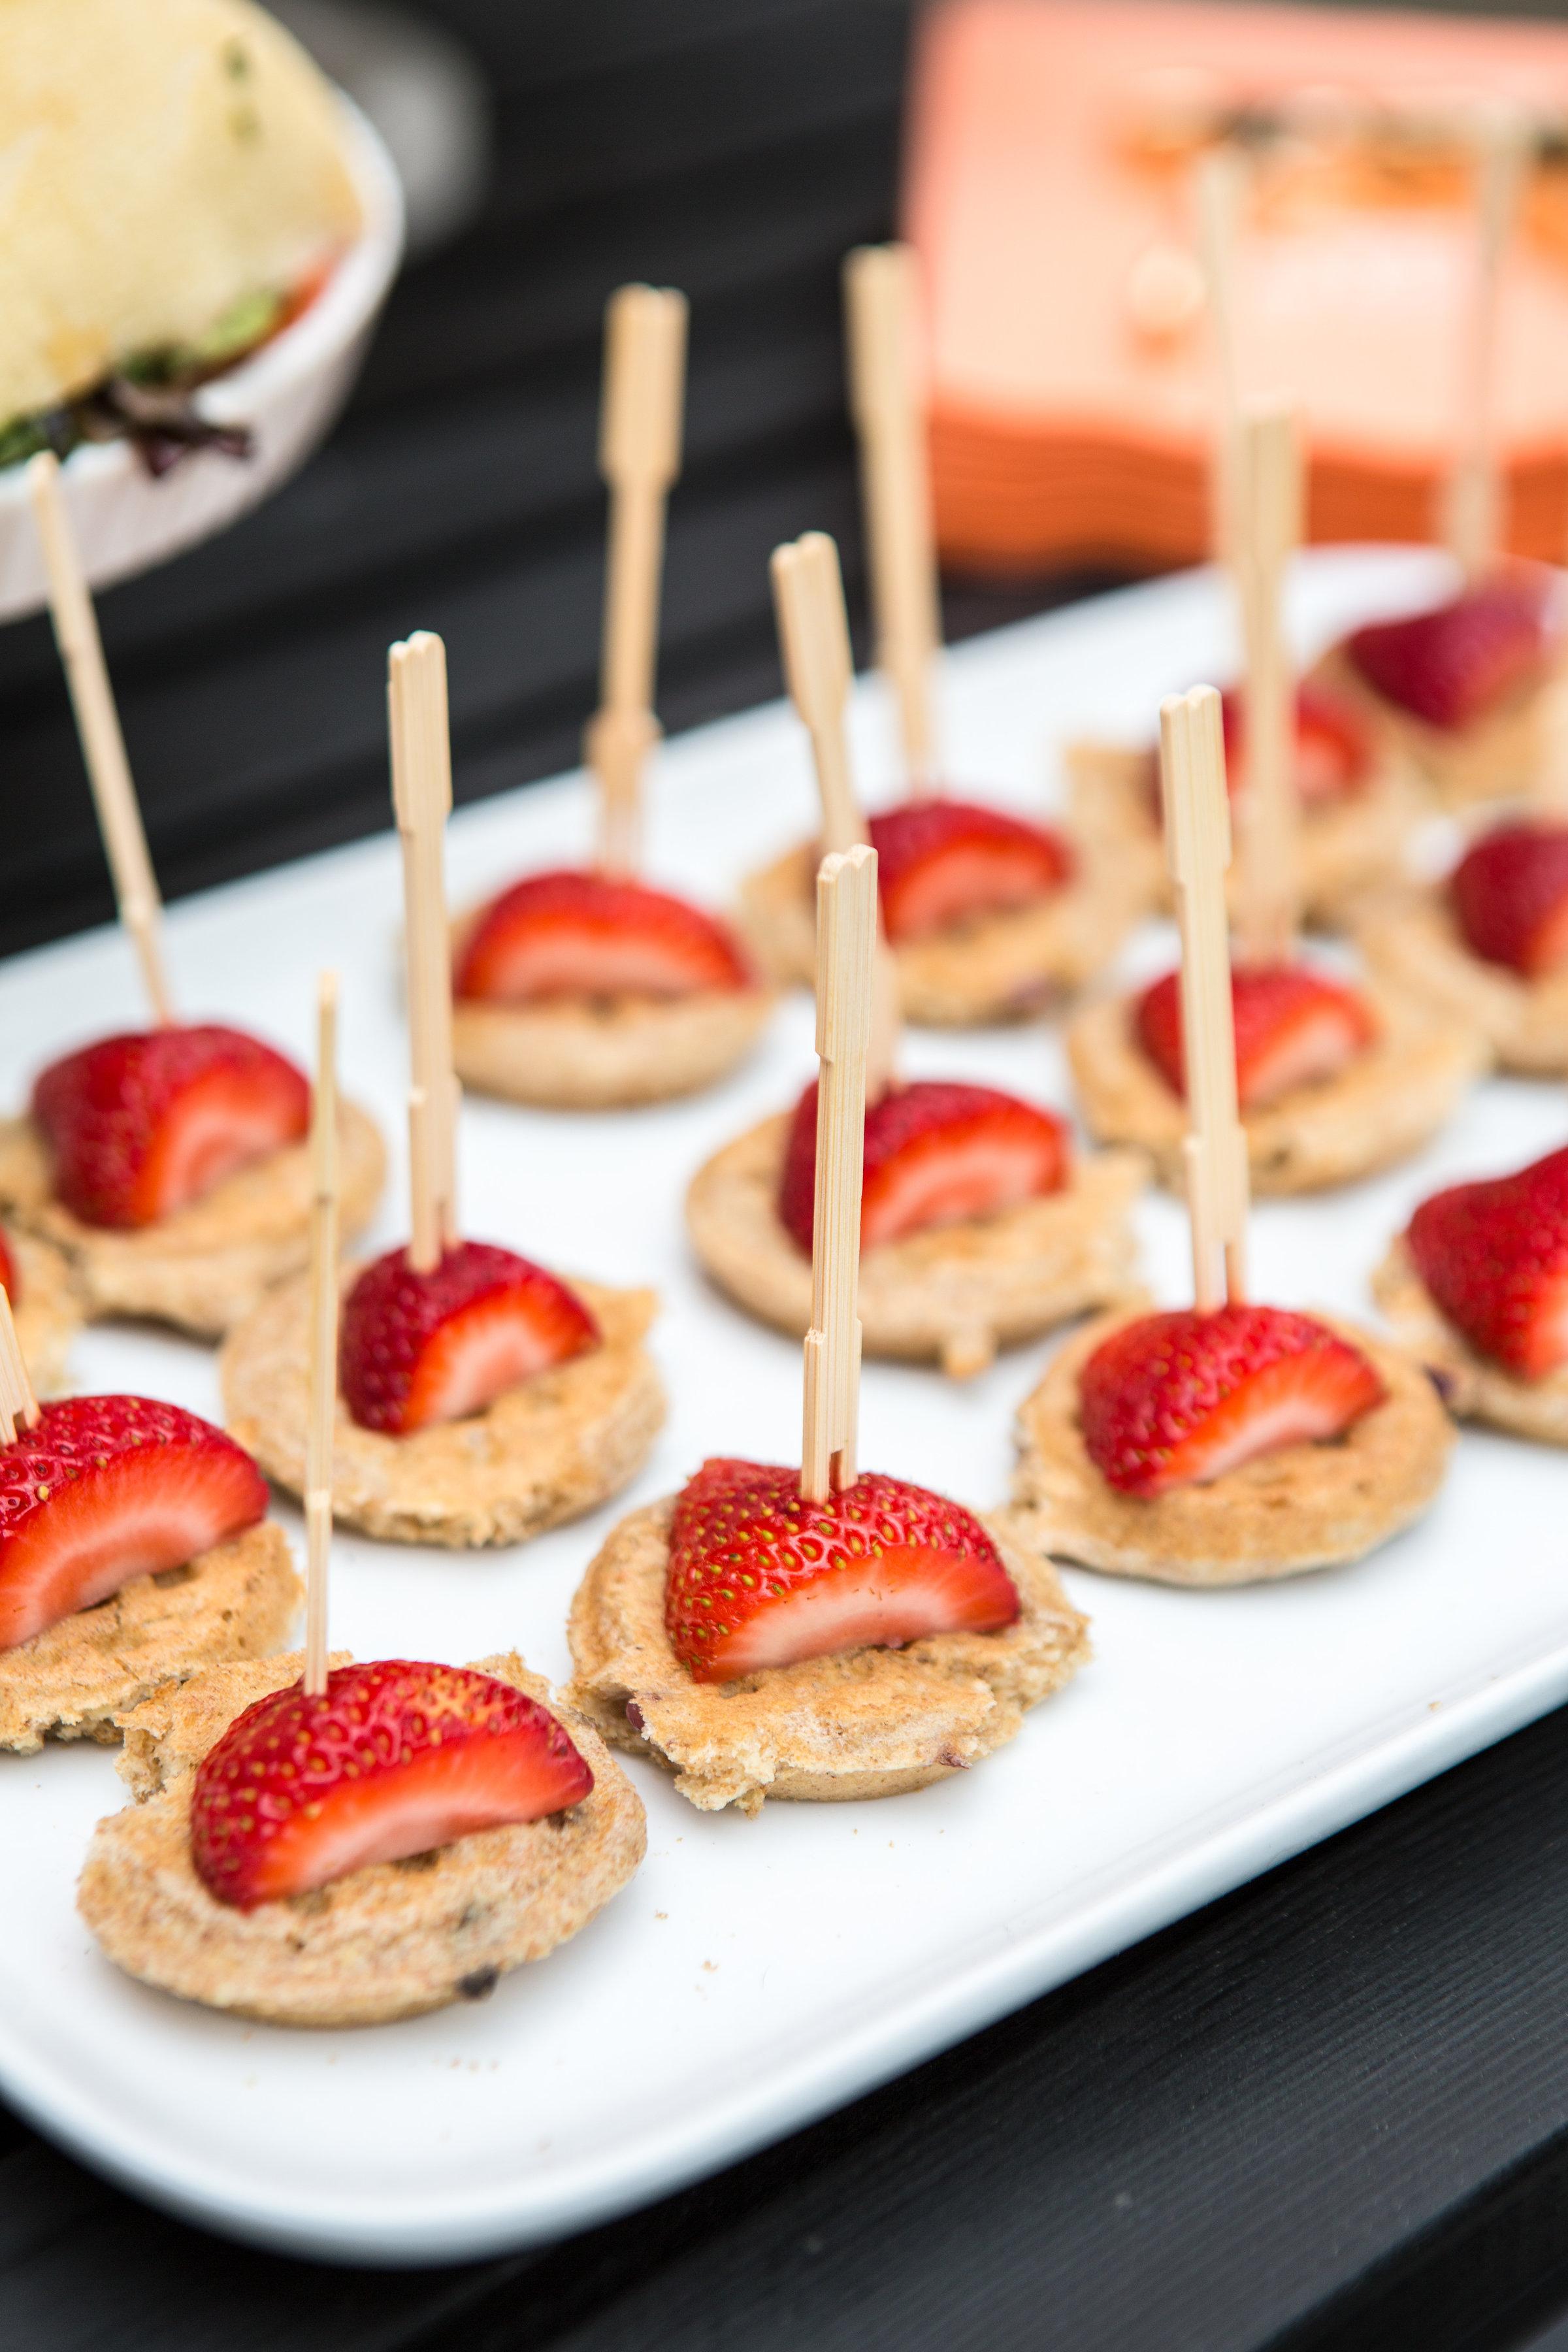 waffle and strawberry bites